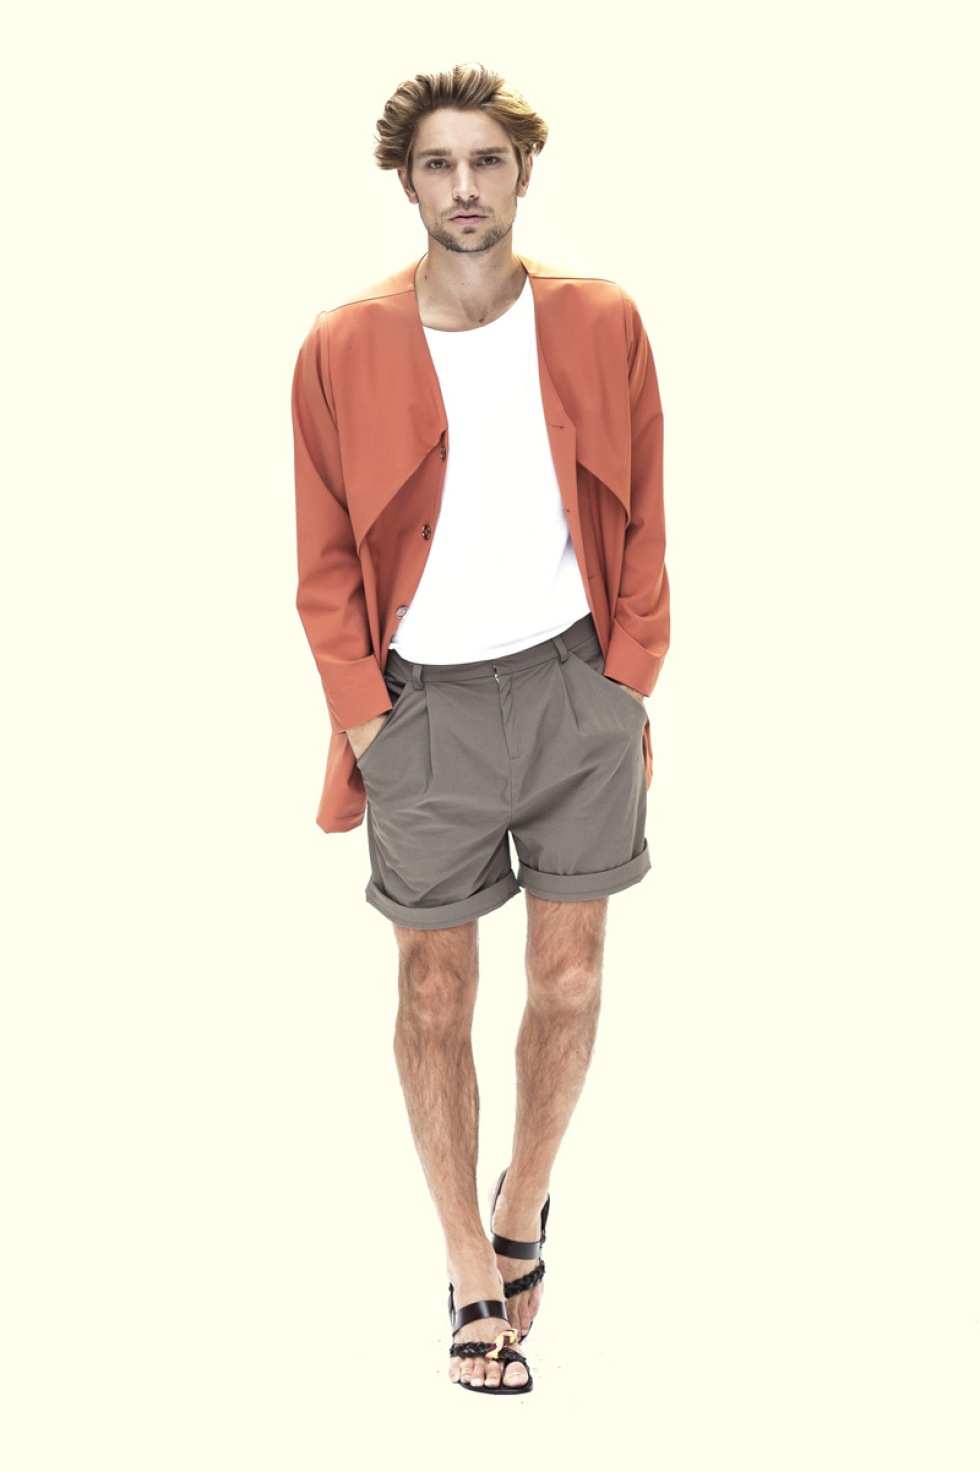 155551 980 - Lagom 2011 Erkek Giyim Kolleksiyonu